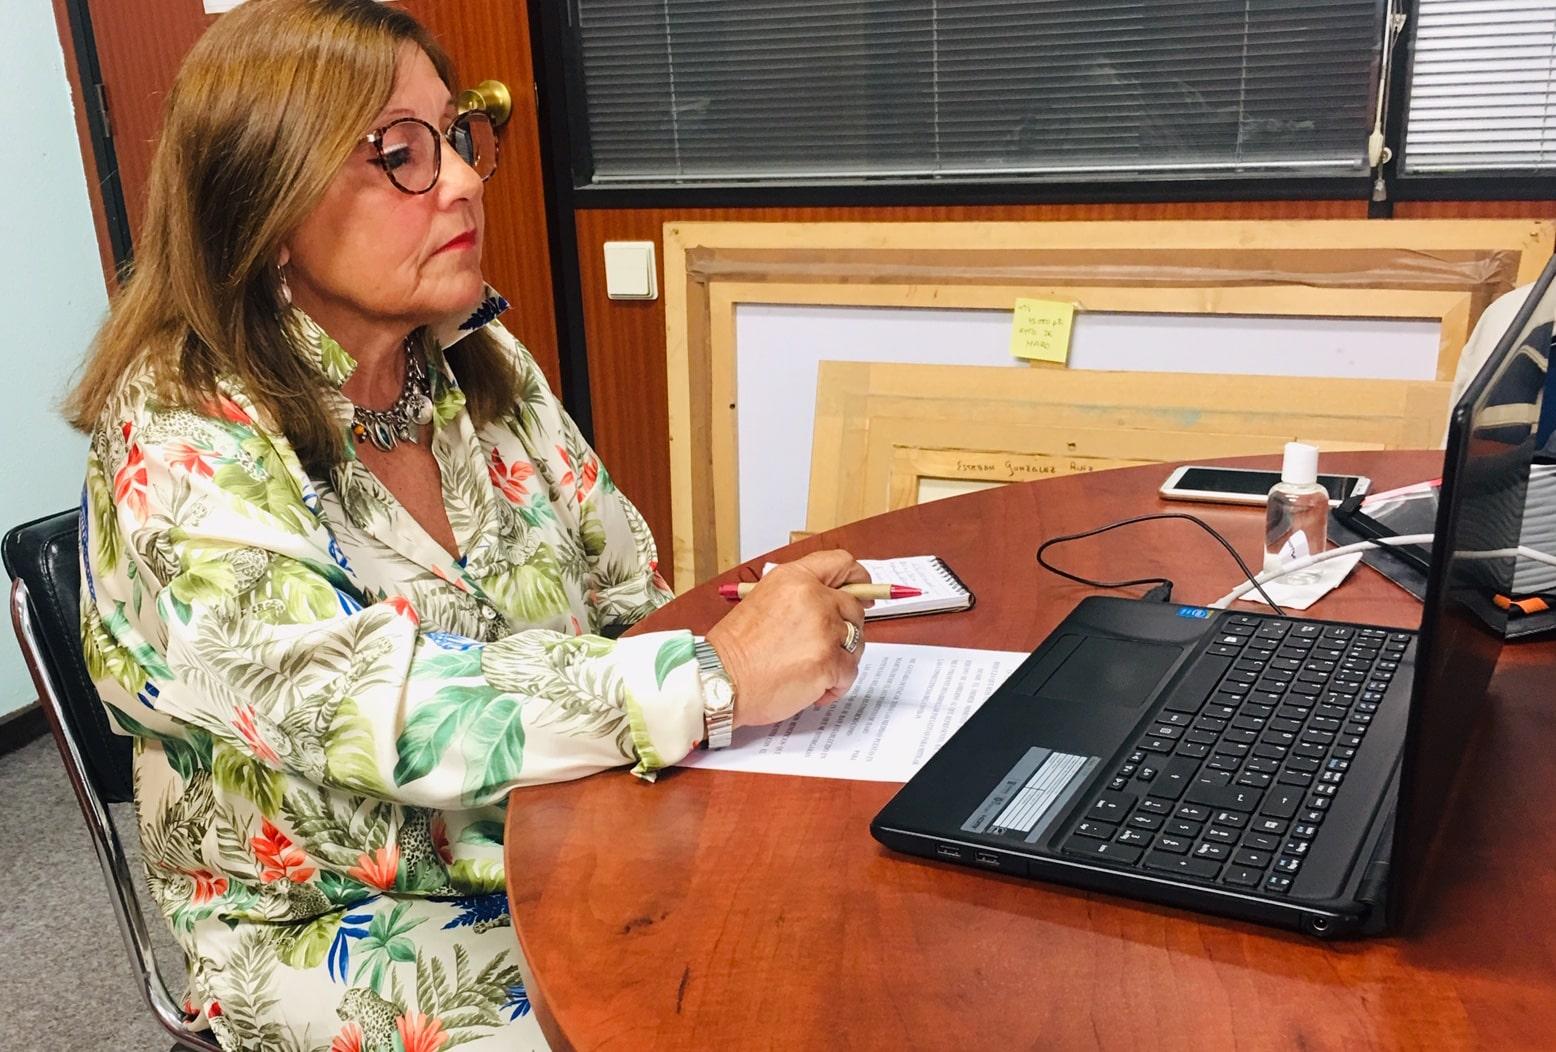 Haro, Nájera y Santo Domingo se suman a la campaña del bono comercio de la FER 1